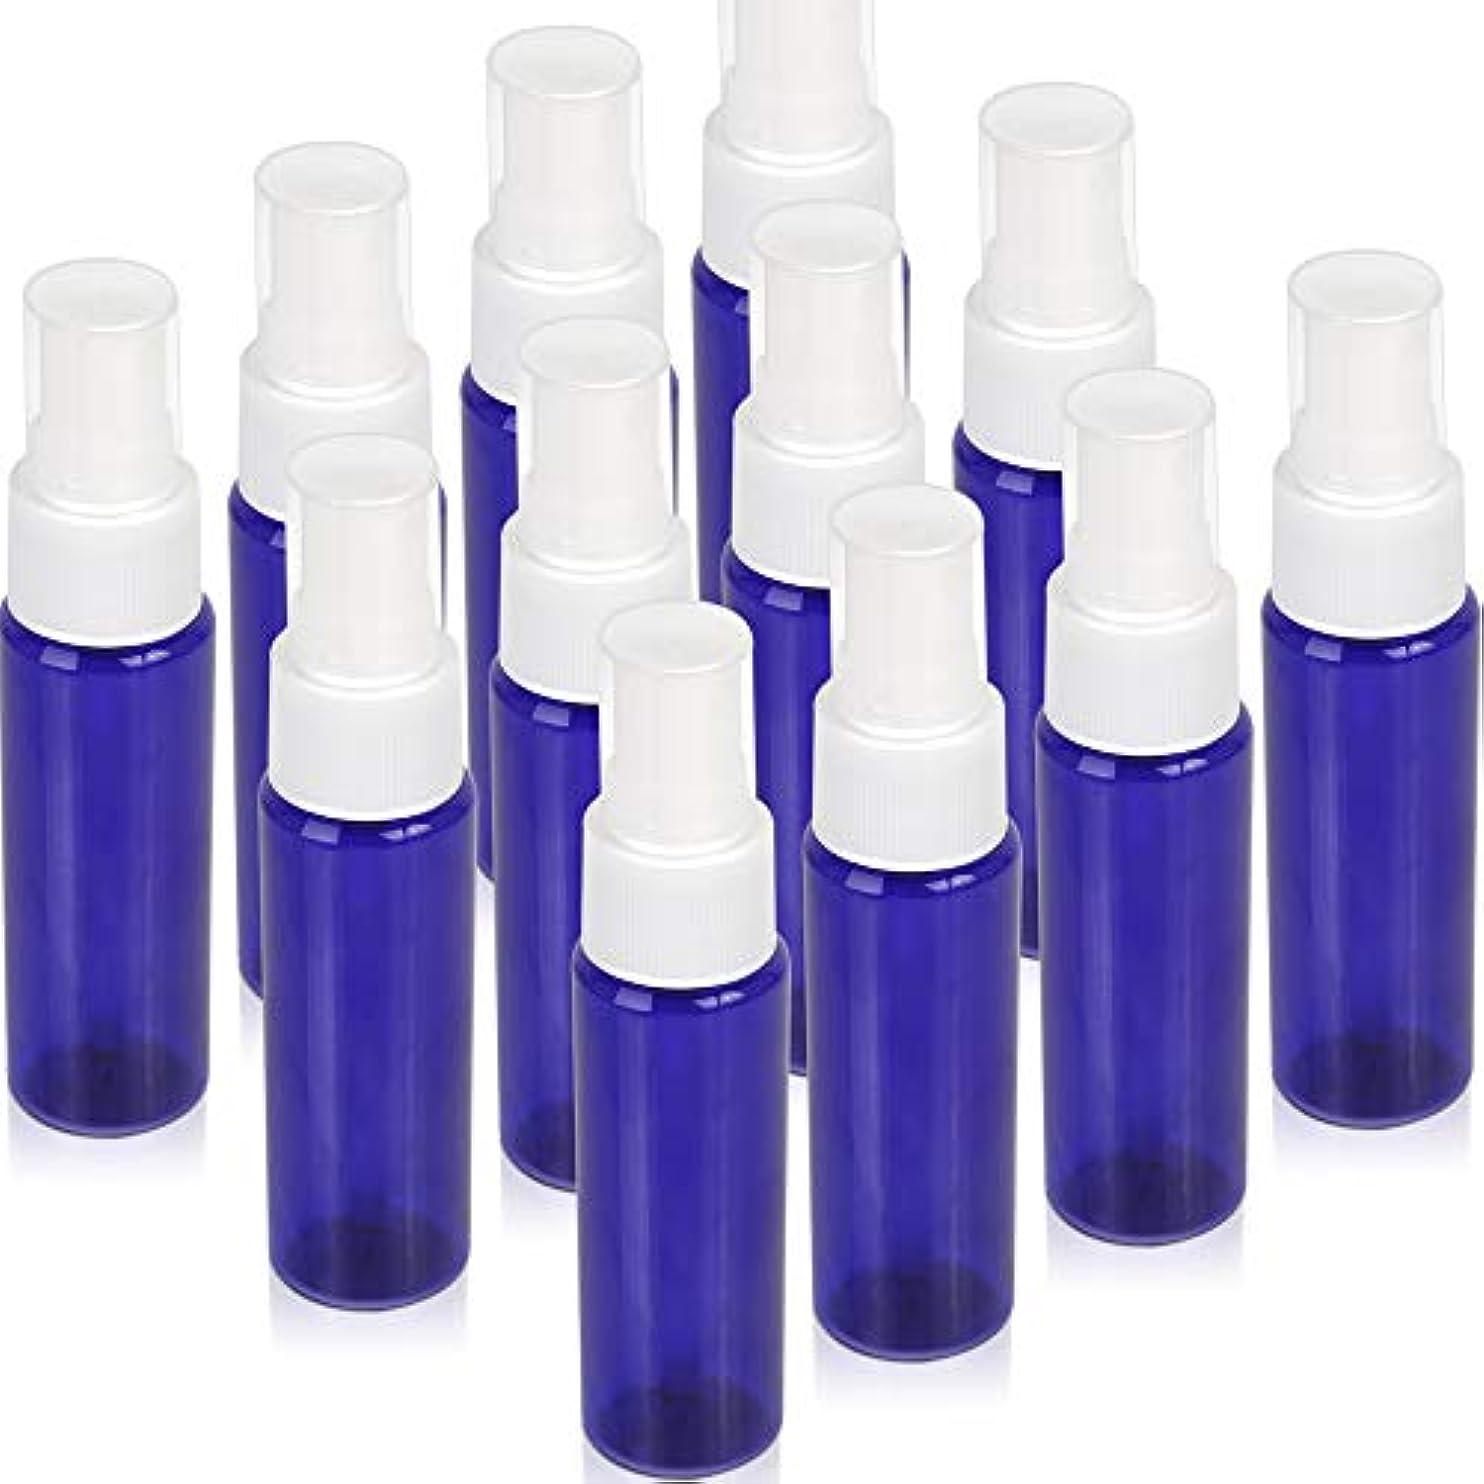 熱意彼ら不満Teenitor スプレーボトル 30ml 12本 霧吹き アトマイザー スプレー容器 アロマスプレー 香水スプレー 詰め替え容器 キャップ付 青色 PET製